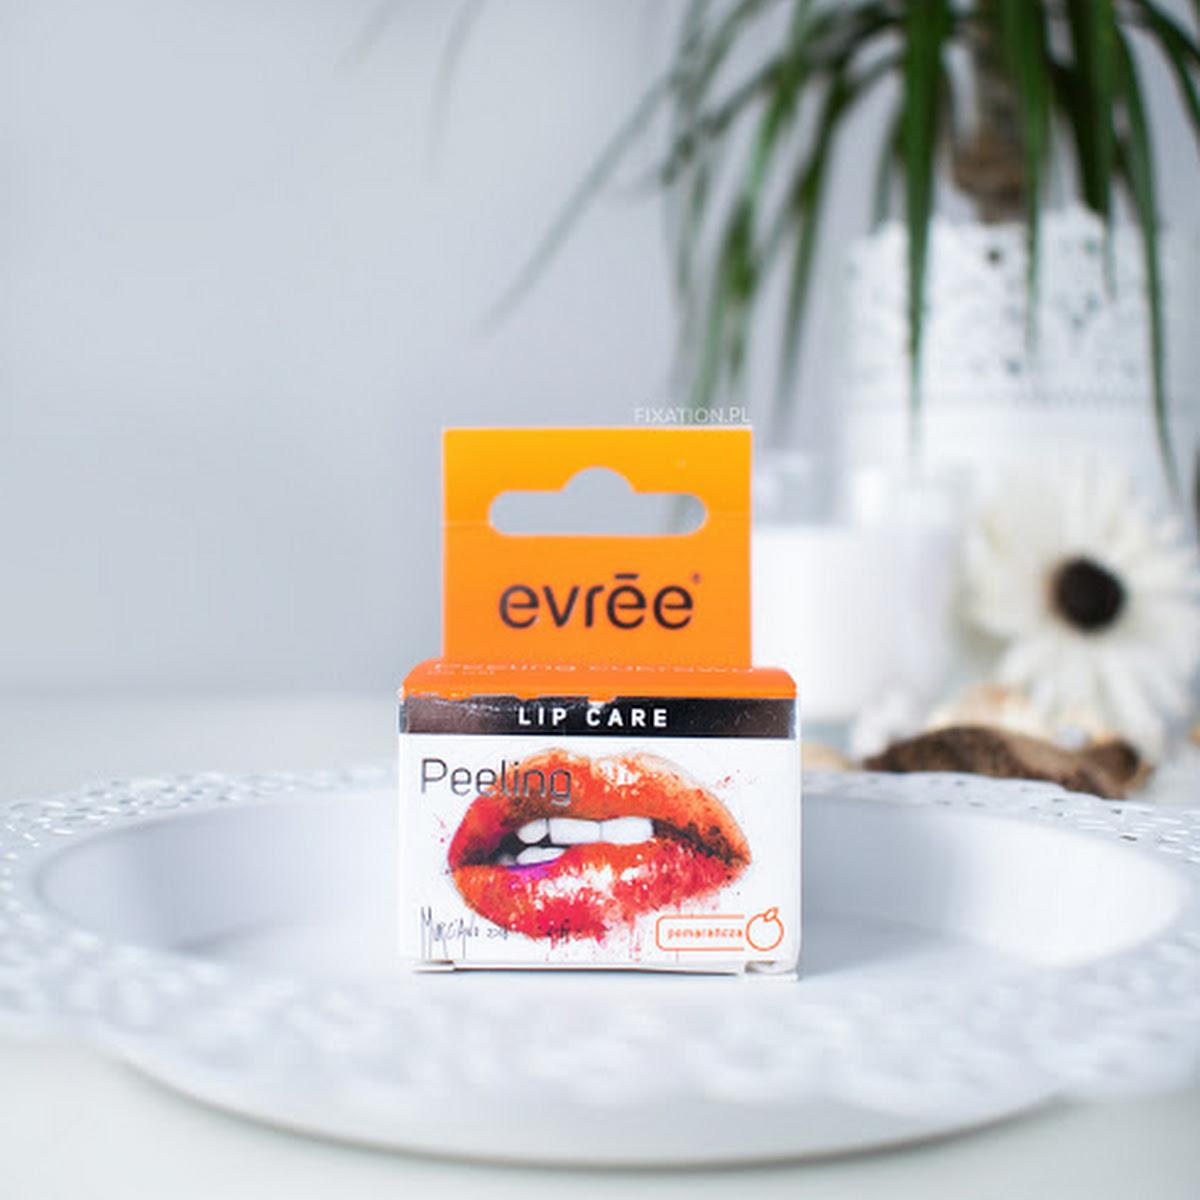 Evree Sugar lips   Pomarańczowy peeling cukrowy do ust